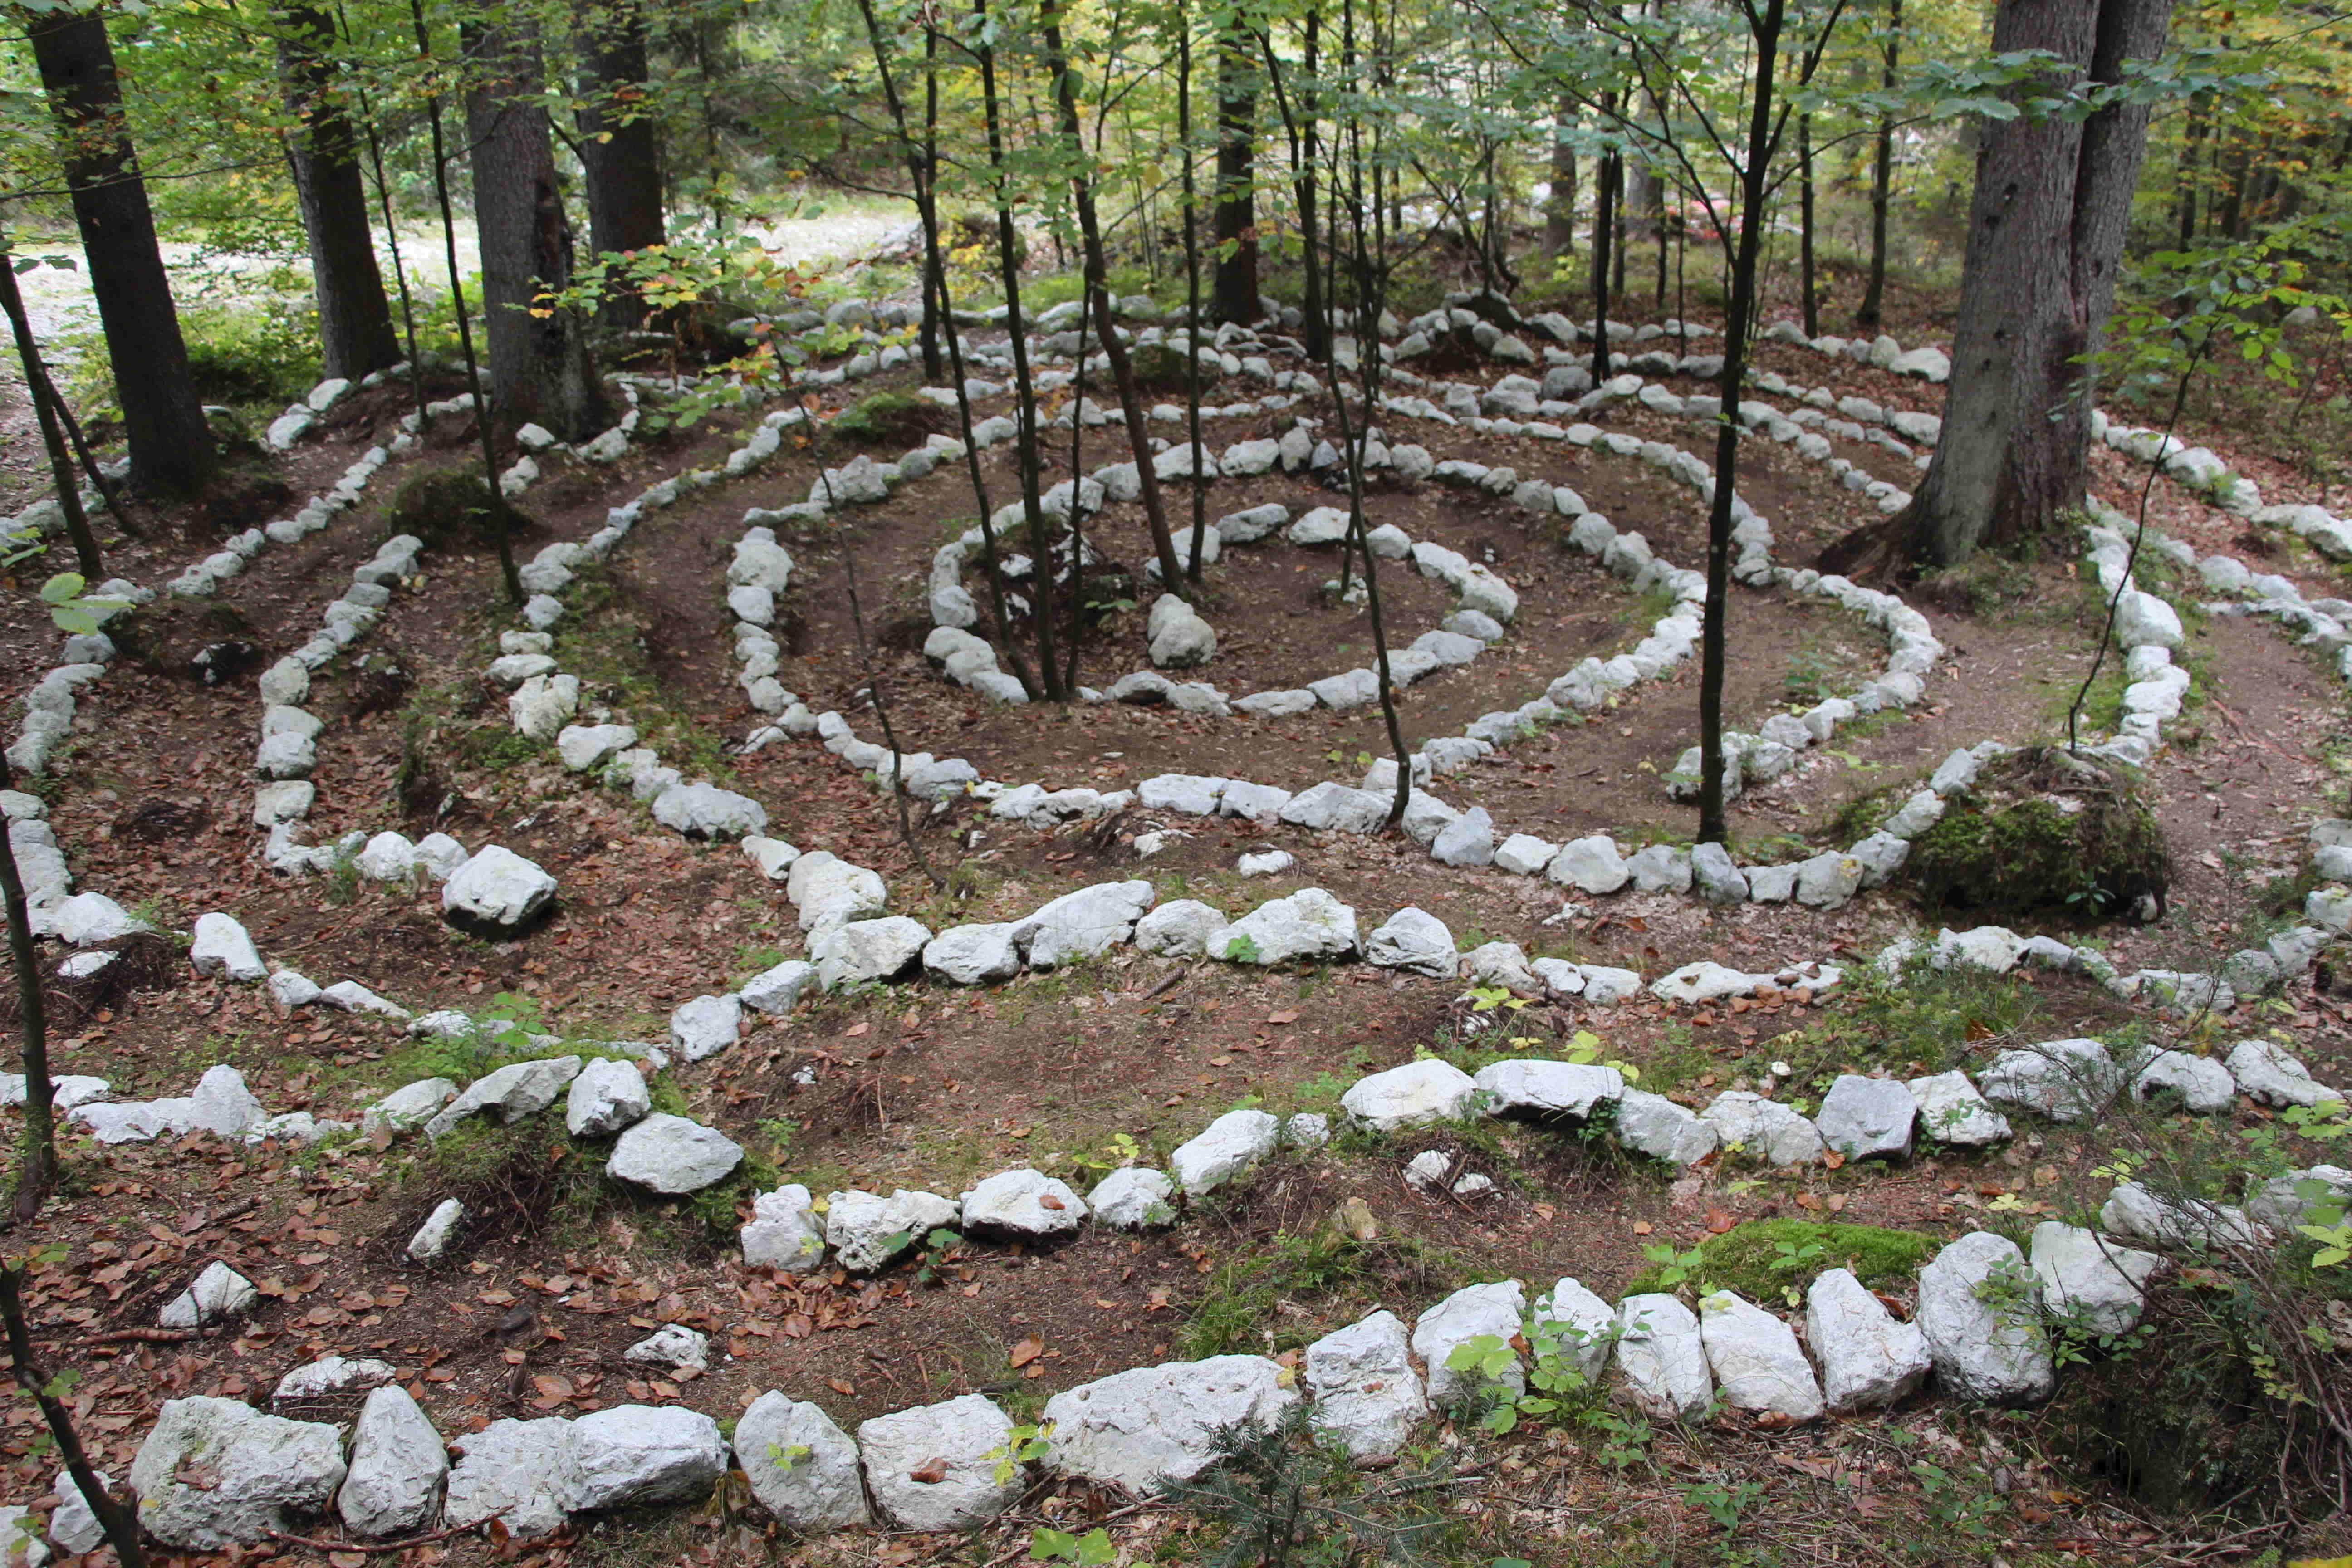 3 - labirint osjećaja